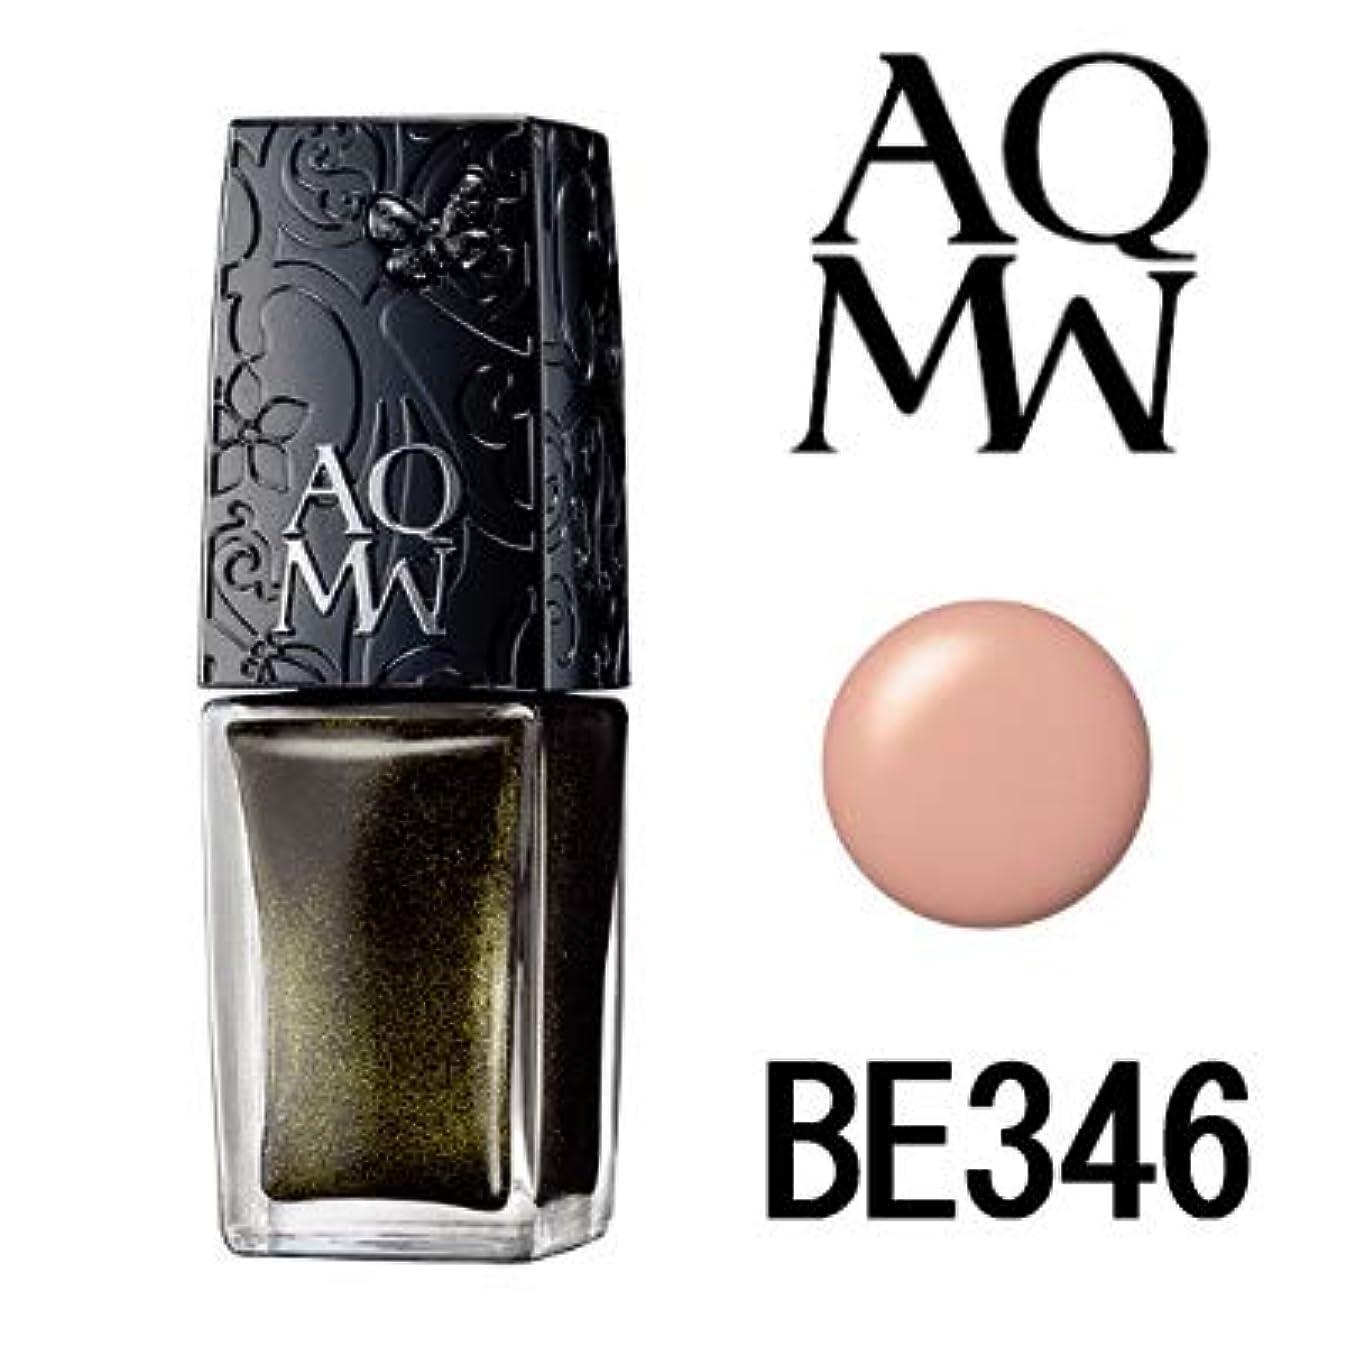 オペレーター酸アラブサラボコーセー AQ MW ネイルエナメル (BE346) 7ml コスメデコルテ